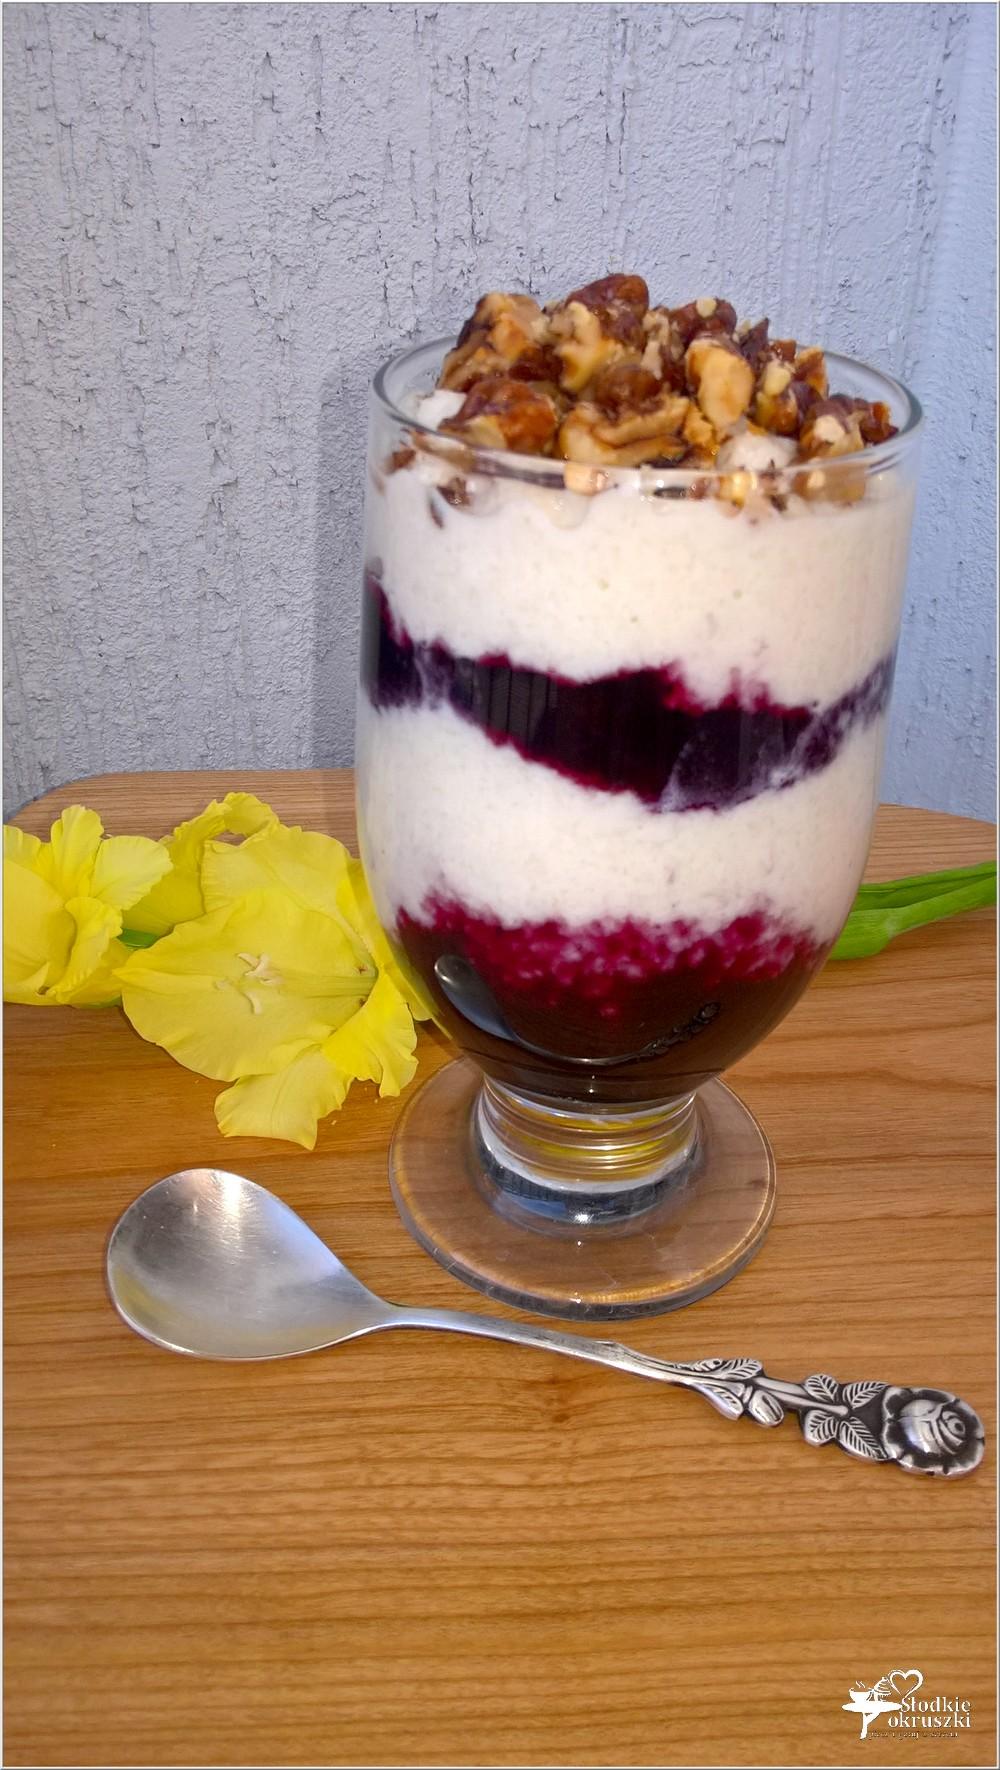 Szybki jagodowo-ryżowy pudding z karmelowymi orzechami (3)